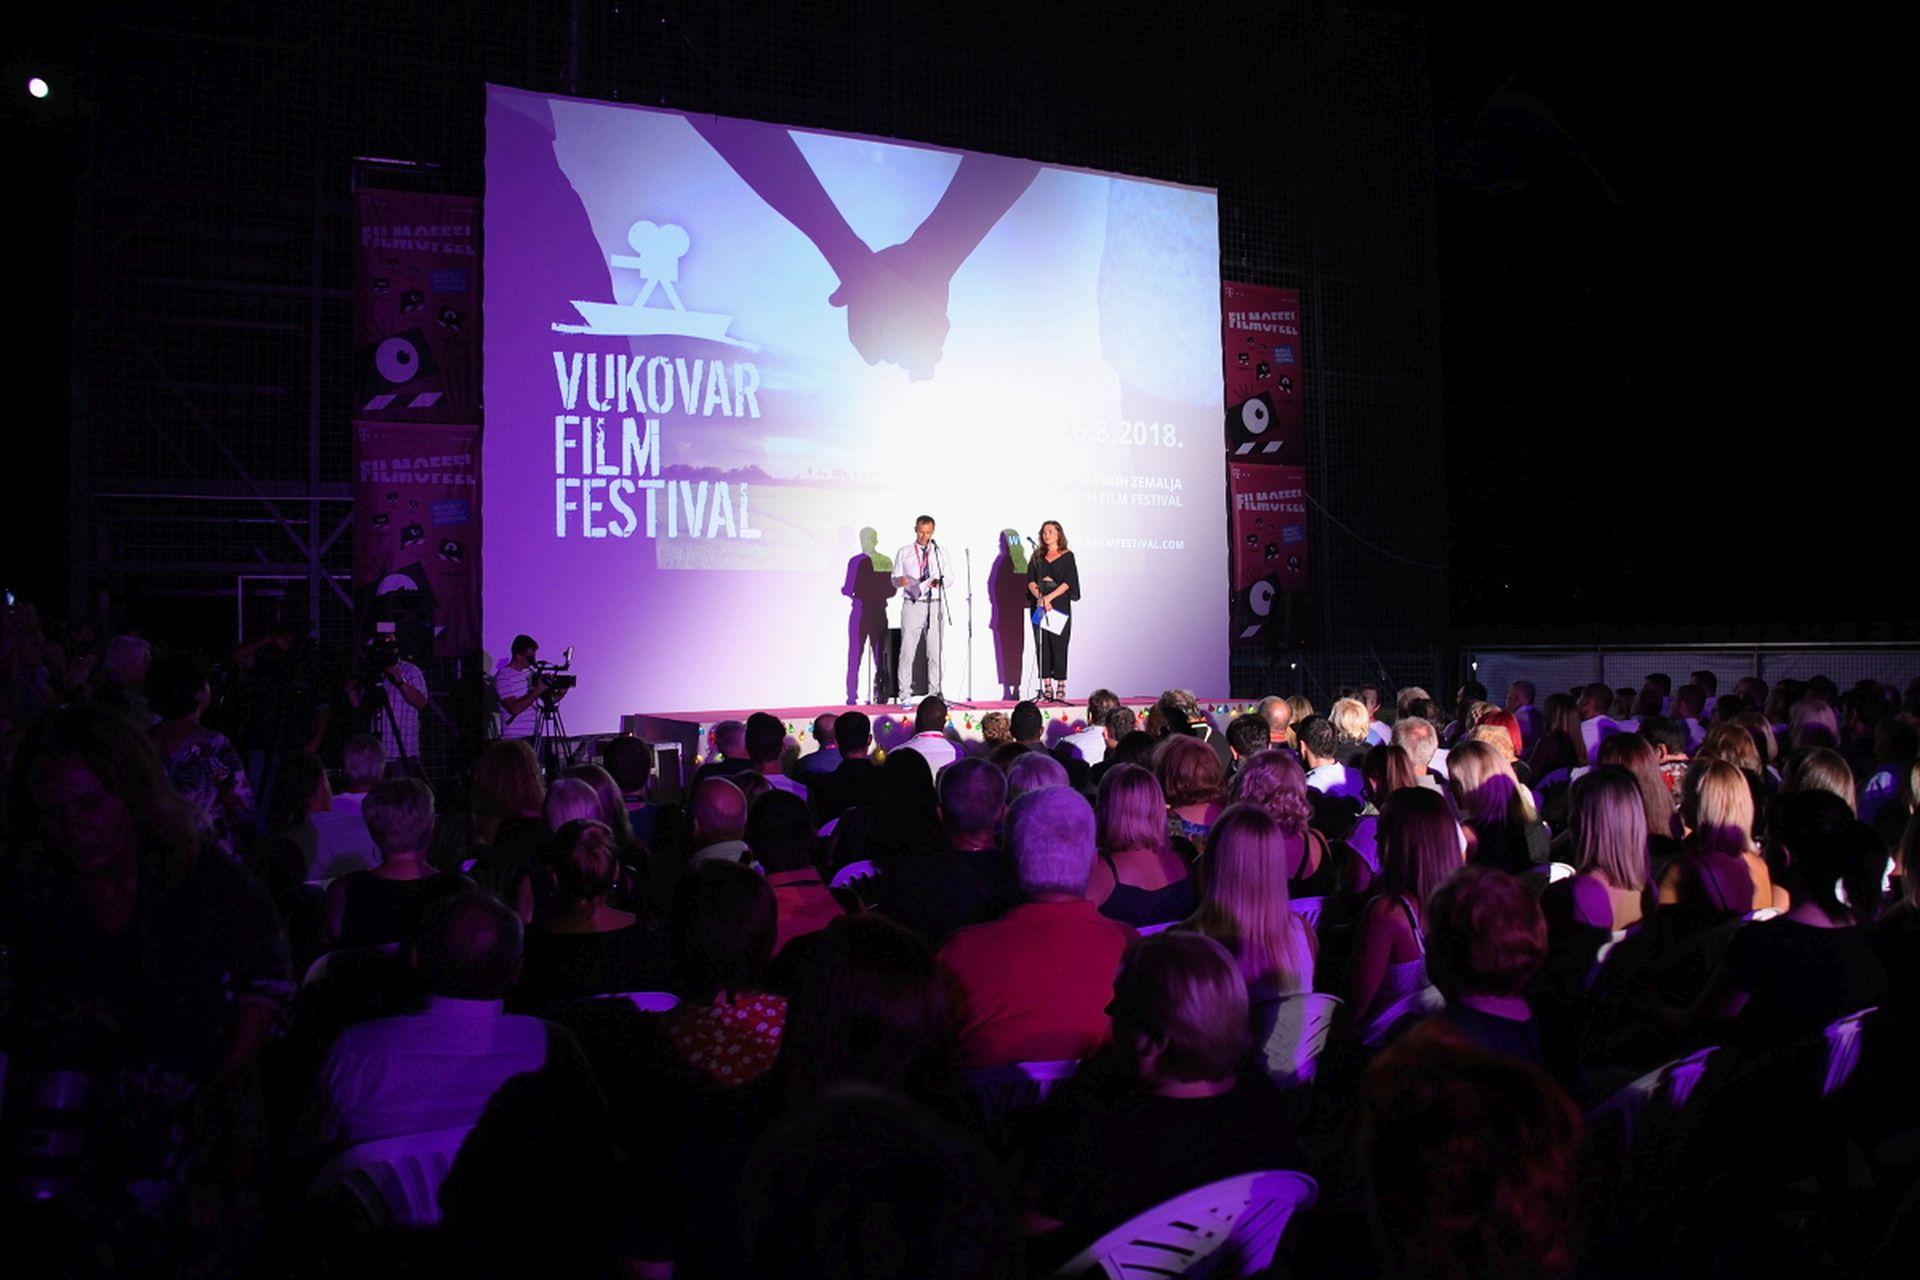 FOTO: Svečano otvoren 12. Vukovar Film Festival